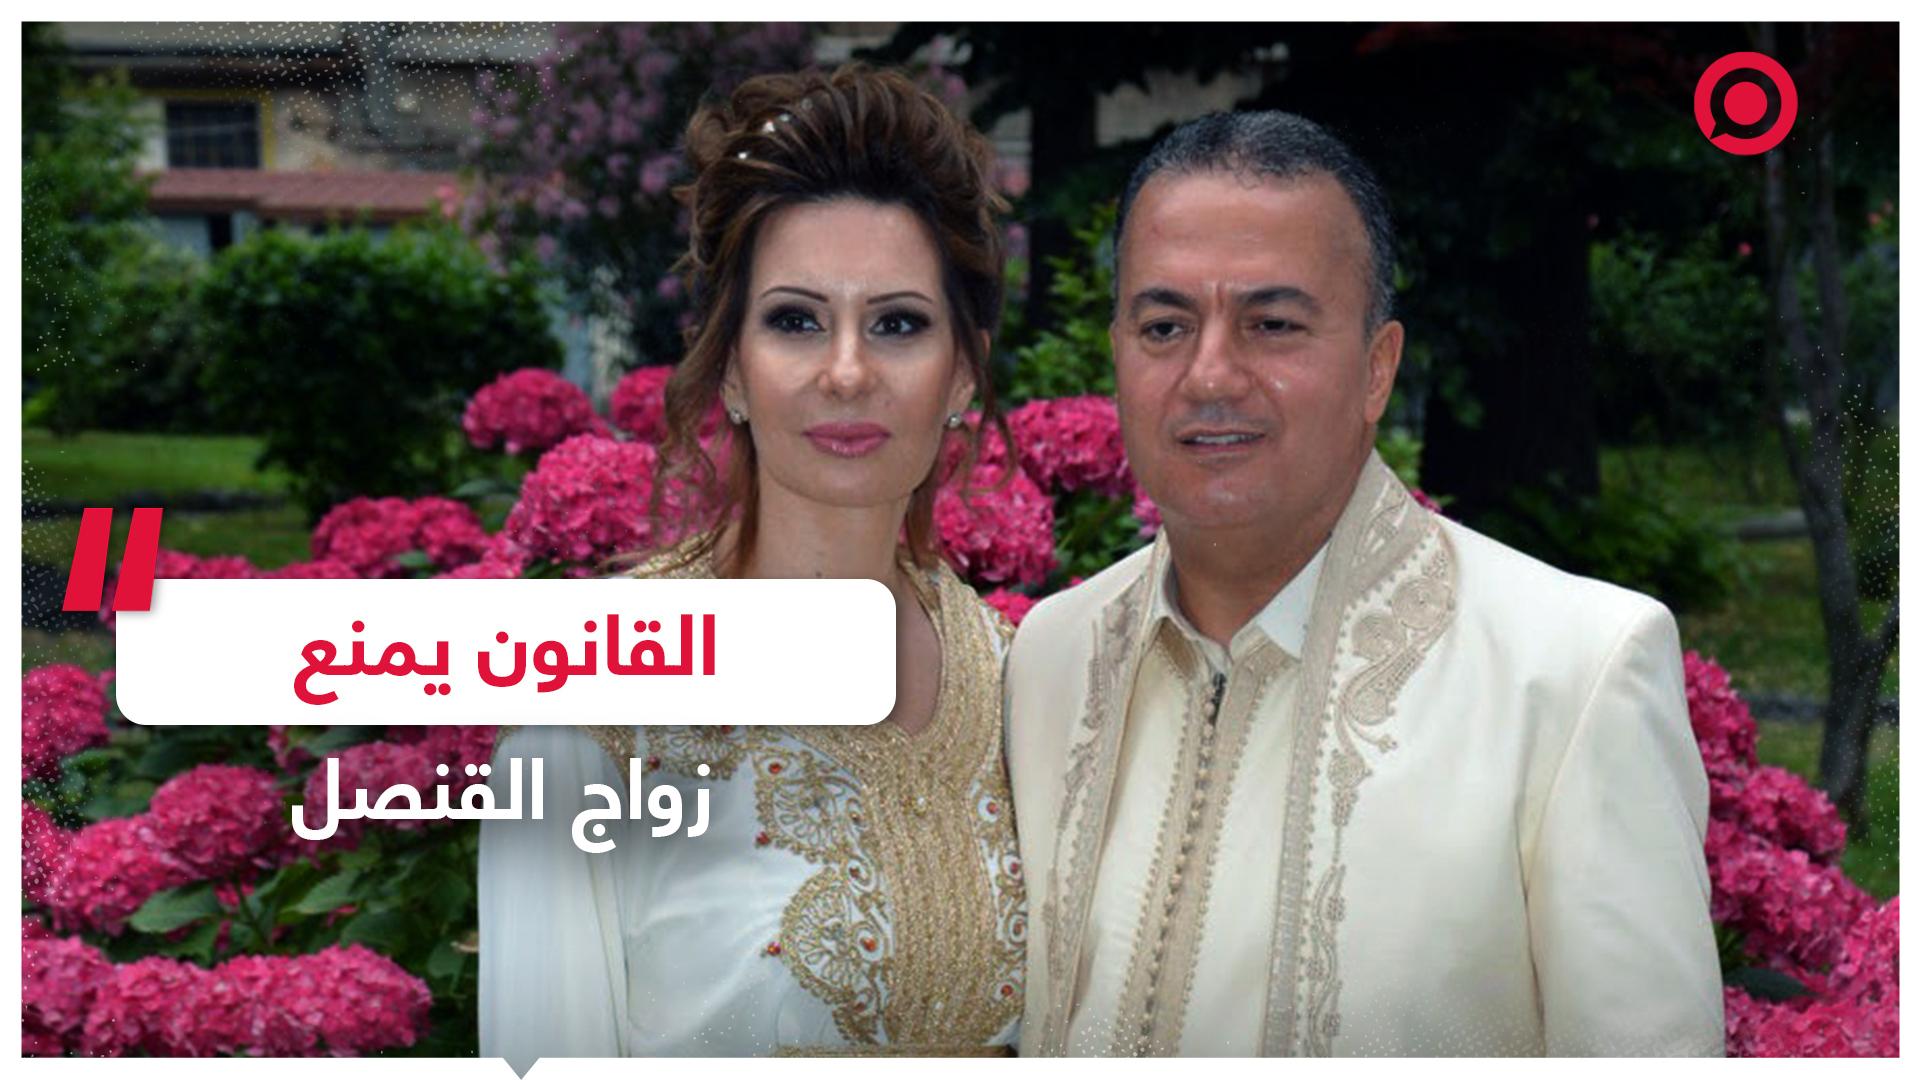 القانون يمنع دبلوماسي تونسي من الزواج من خطيبته الإيطالية